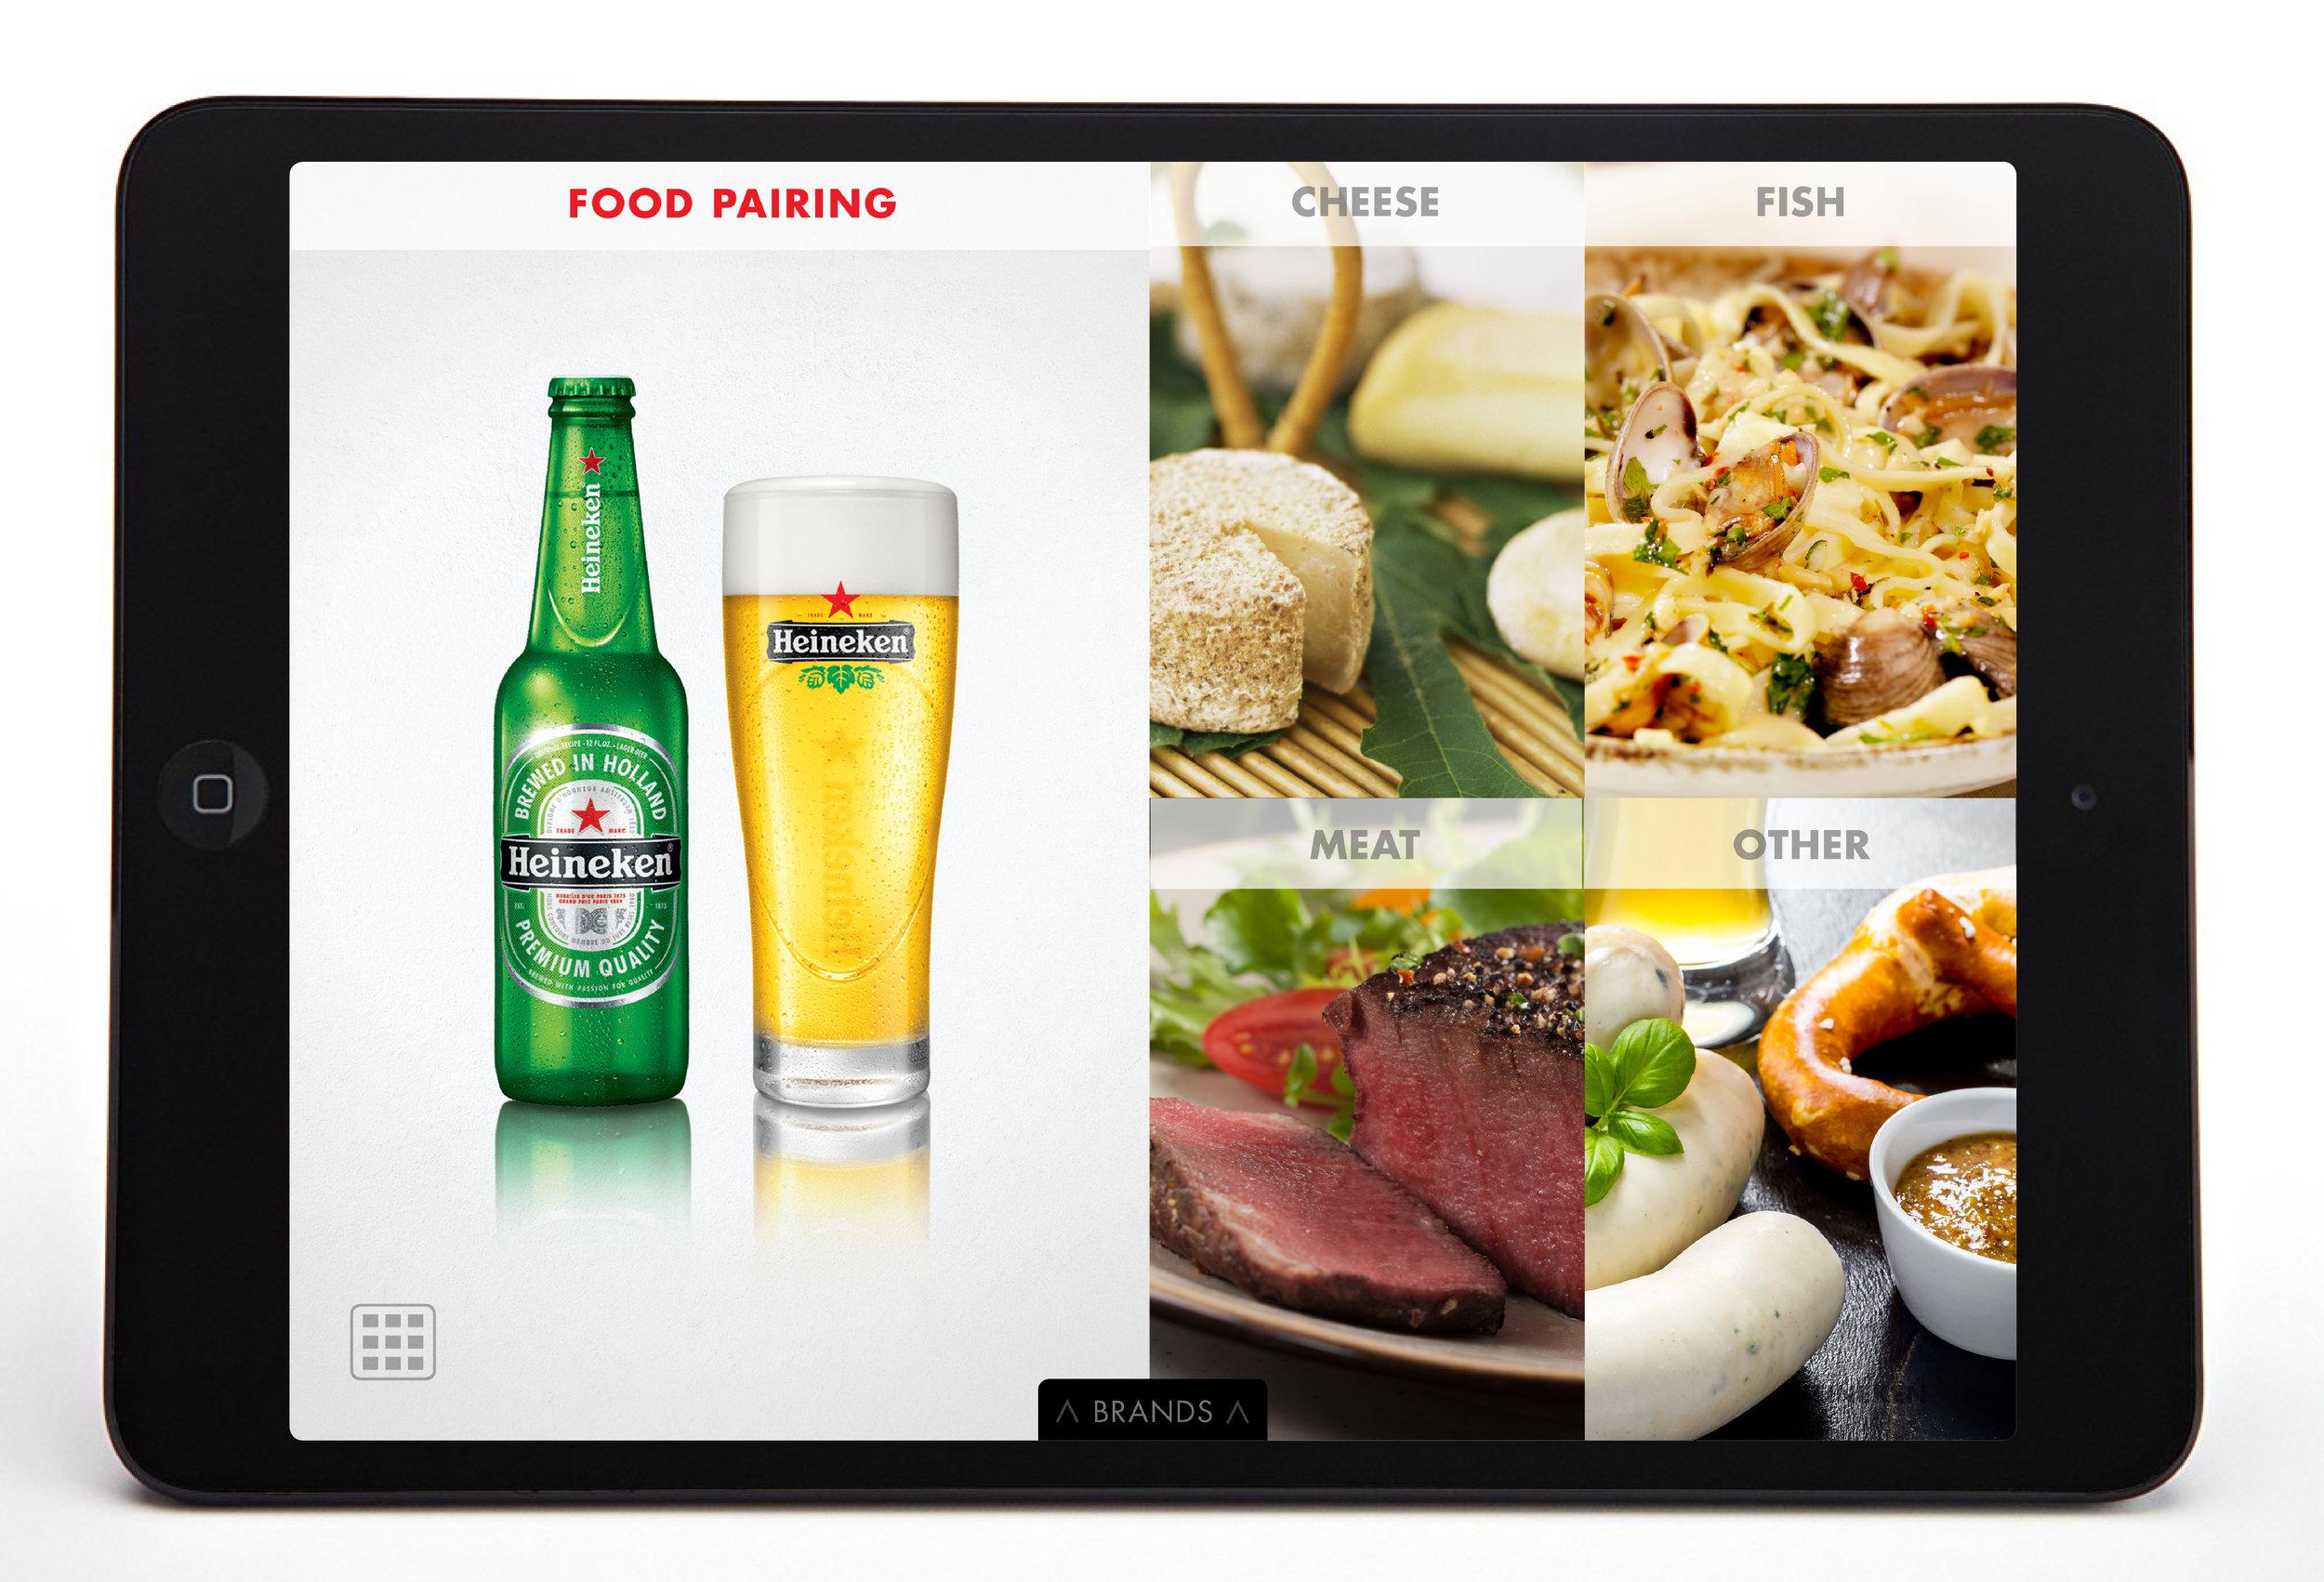 Heineken-food&beer pairing-interactive book32.jpg